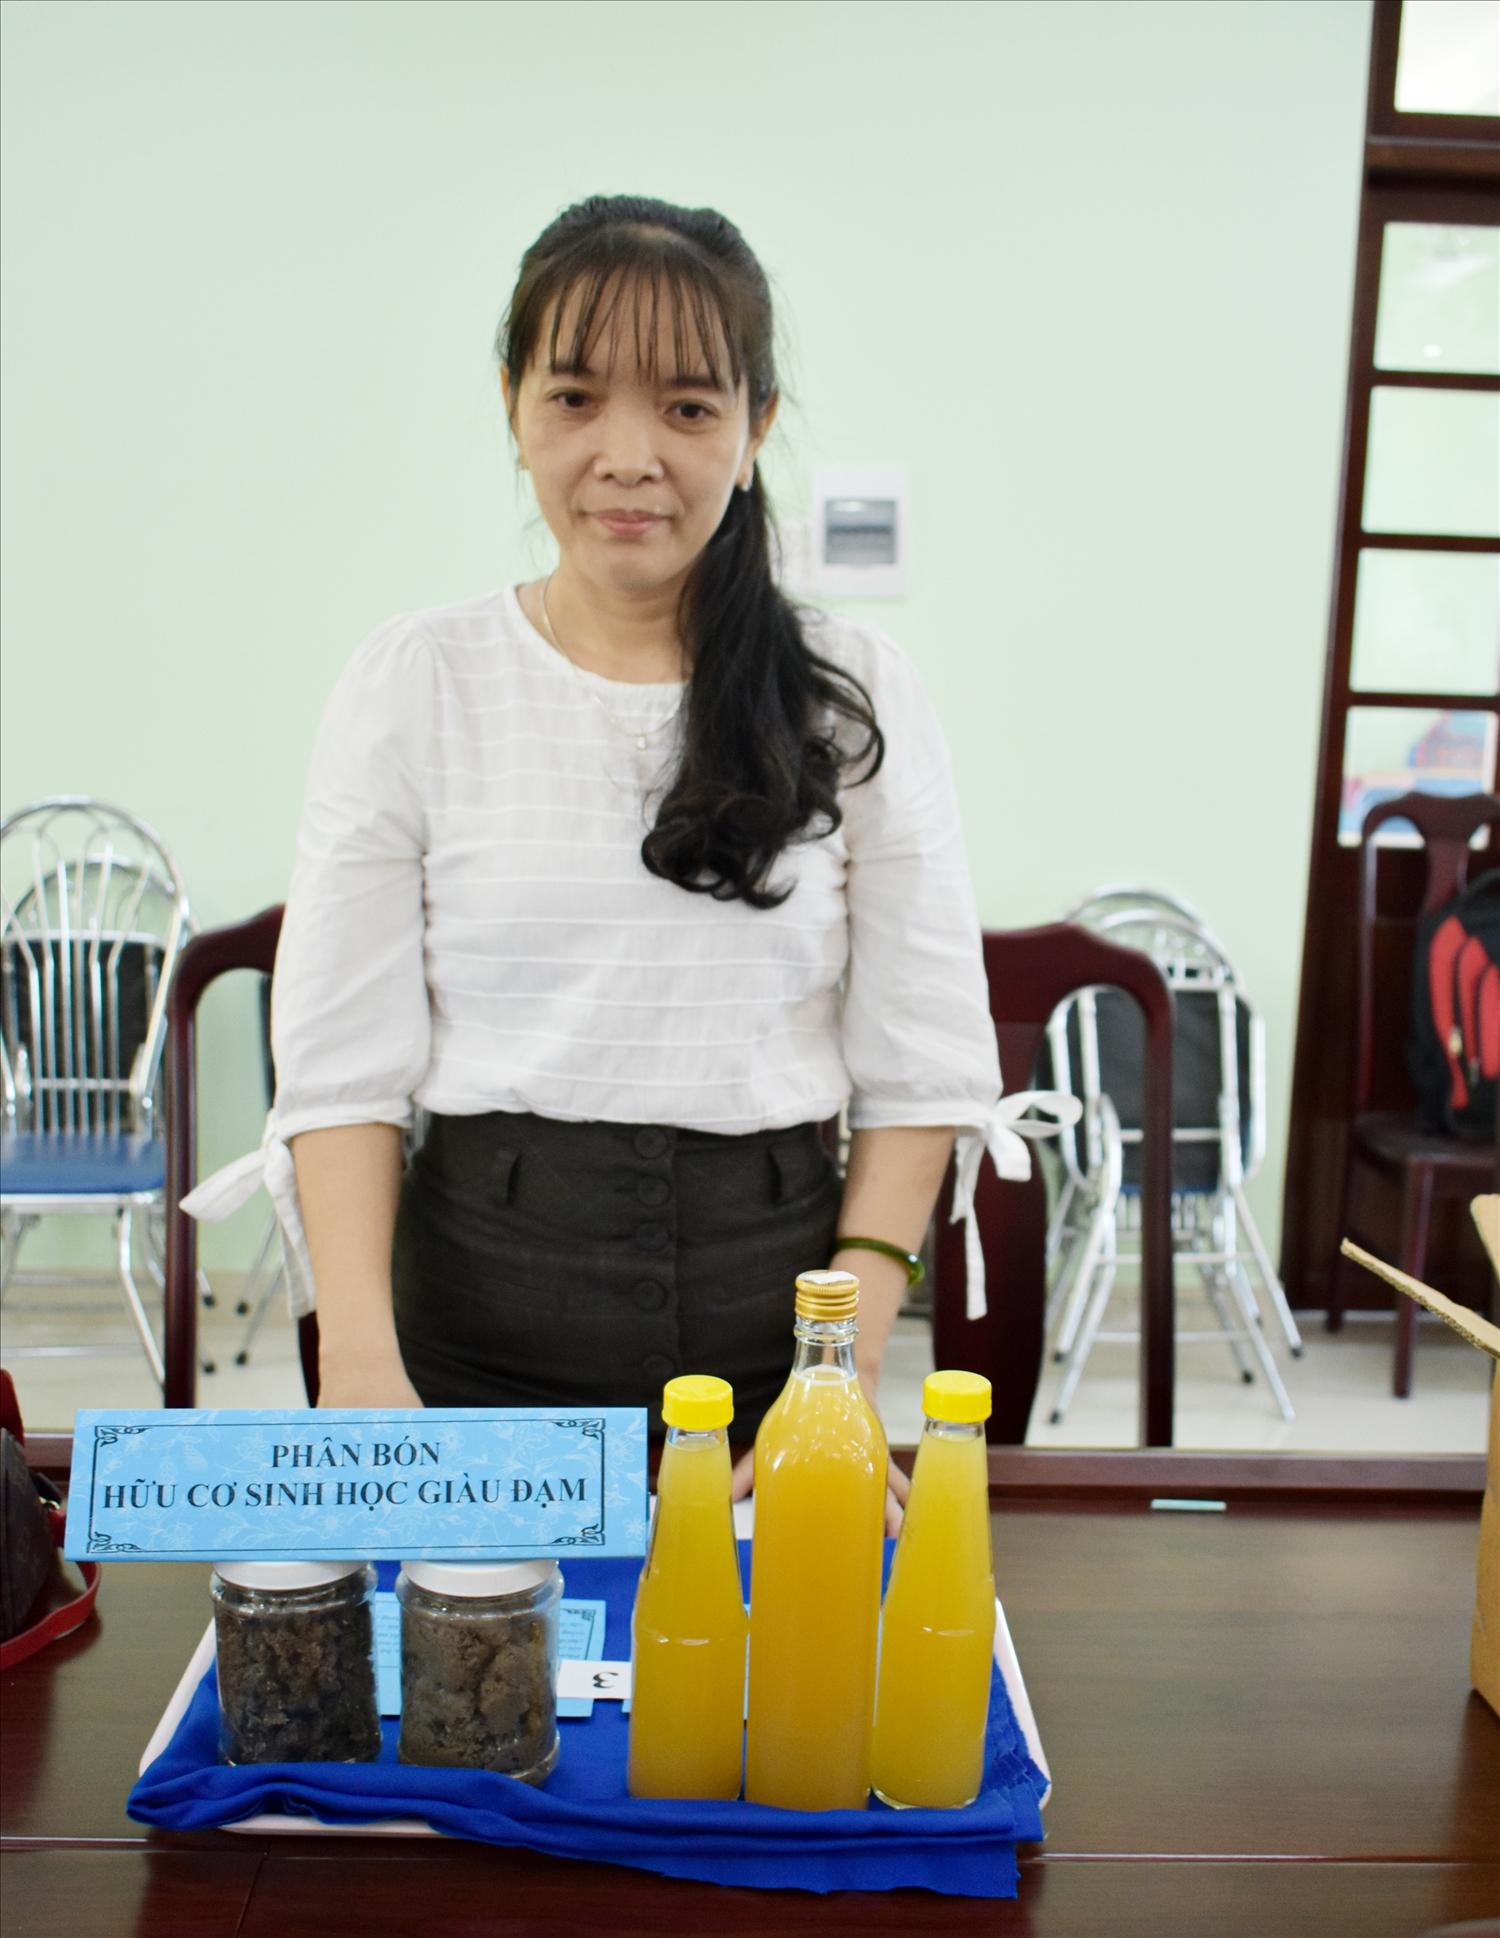 Cô giáo Huỳnh Thị Chung, thuyết trình sản phẩm tại Chung khảo Hội thi Sáng tạo Kỹ thuật tỉnh Phú Yên lần thứ 8 năm . Ảnh: H.H.THẾ